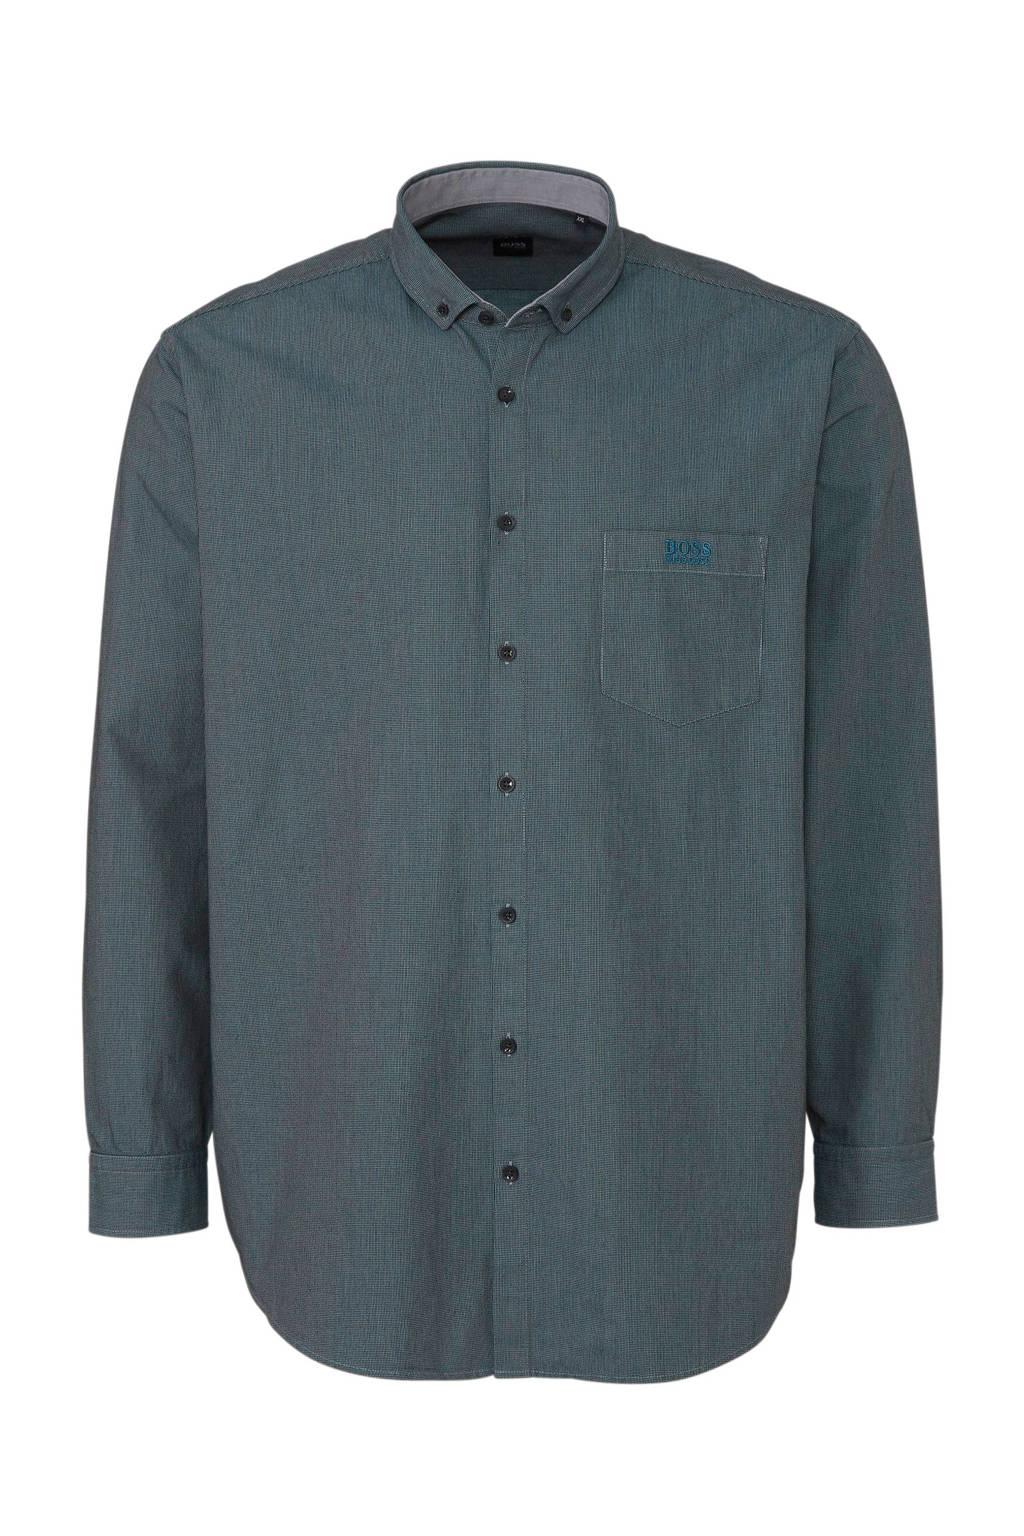 BOSS Athleisure Big & Tall gemêleerd regular fit overhemd blauw melange